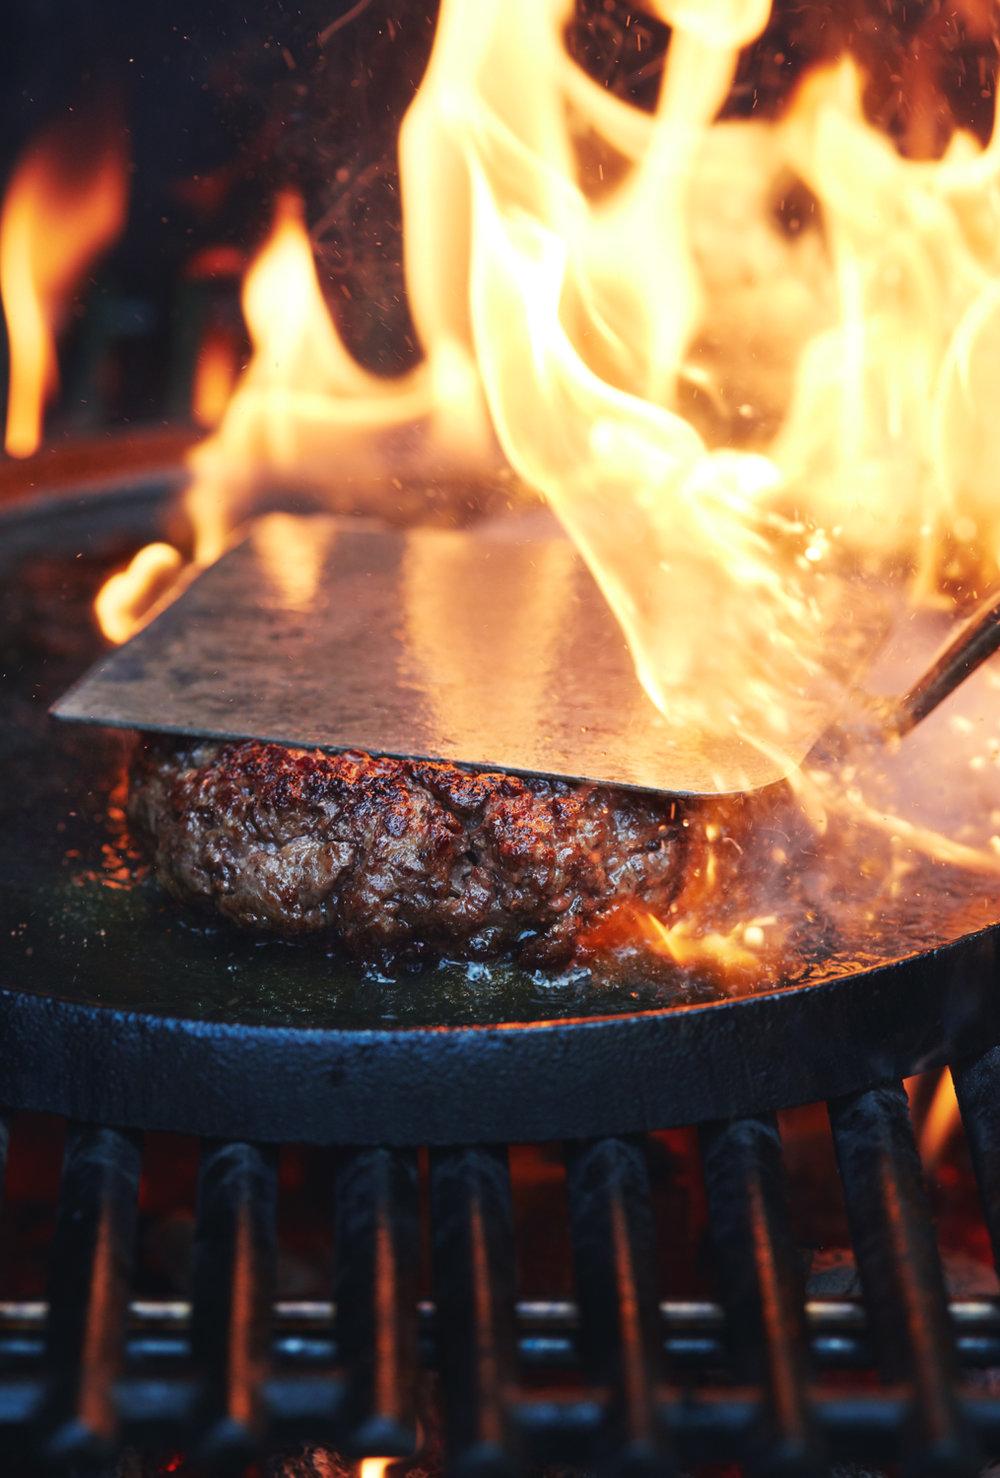 18026&PR-PRO_Burger_0217.jpg